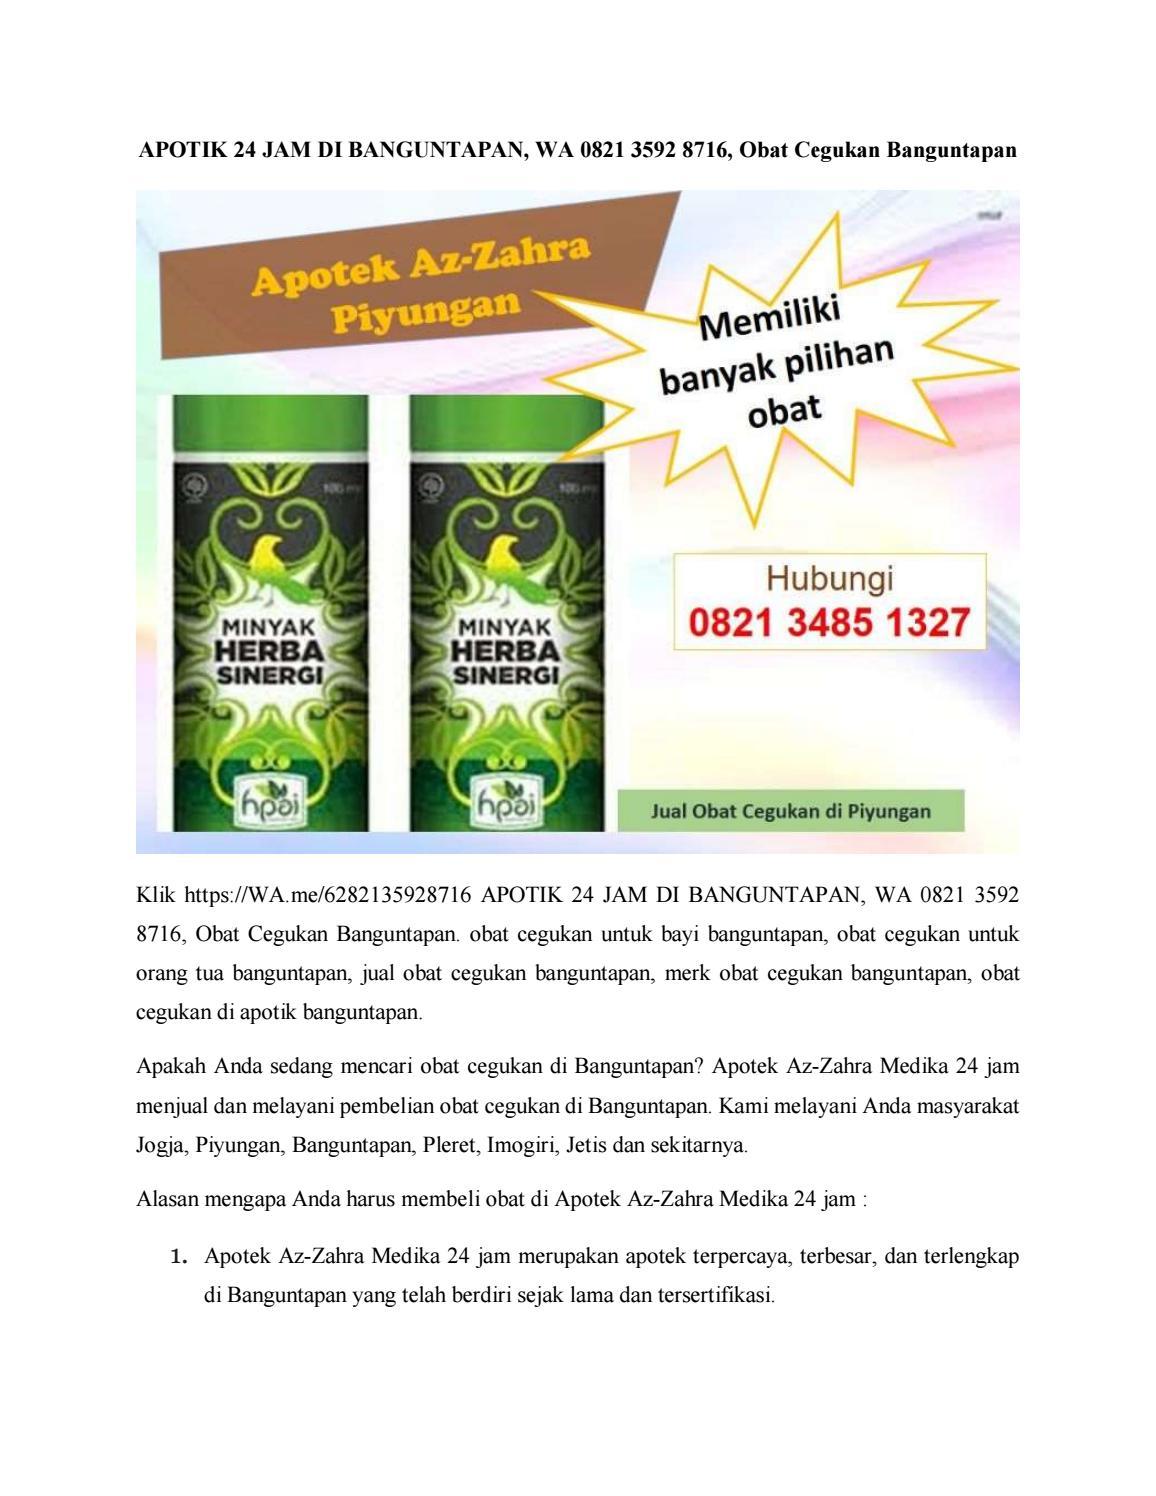 Apotik 24 Jam Di Banguntapan Wa 0821 3592 8716 Obat Cegukan Banguntapan By Apotek Az Zahra 24 Jam Issuu